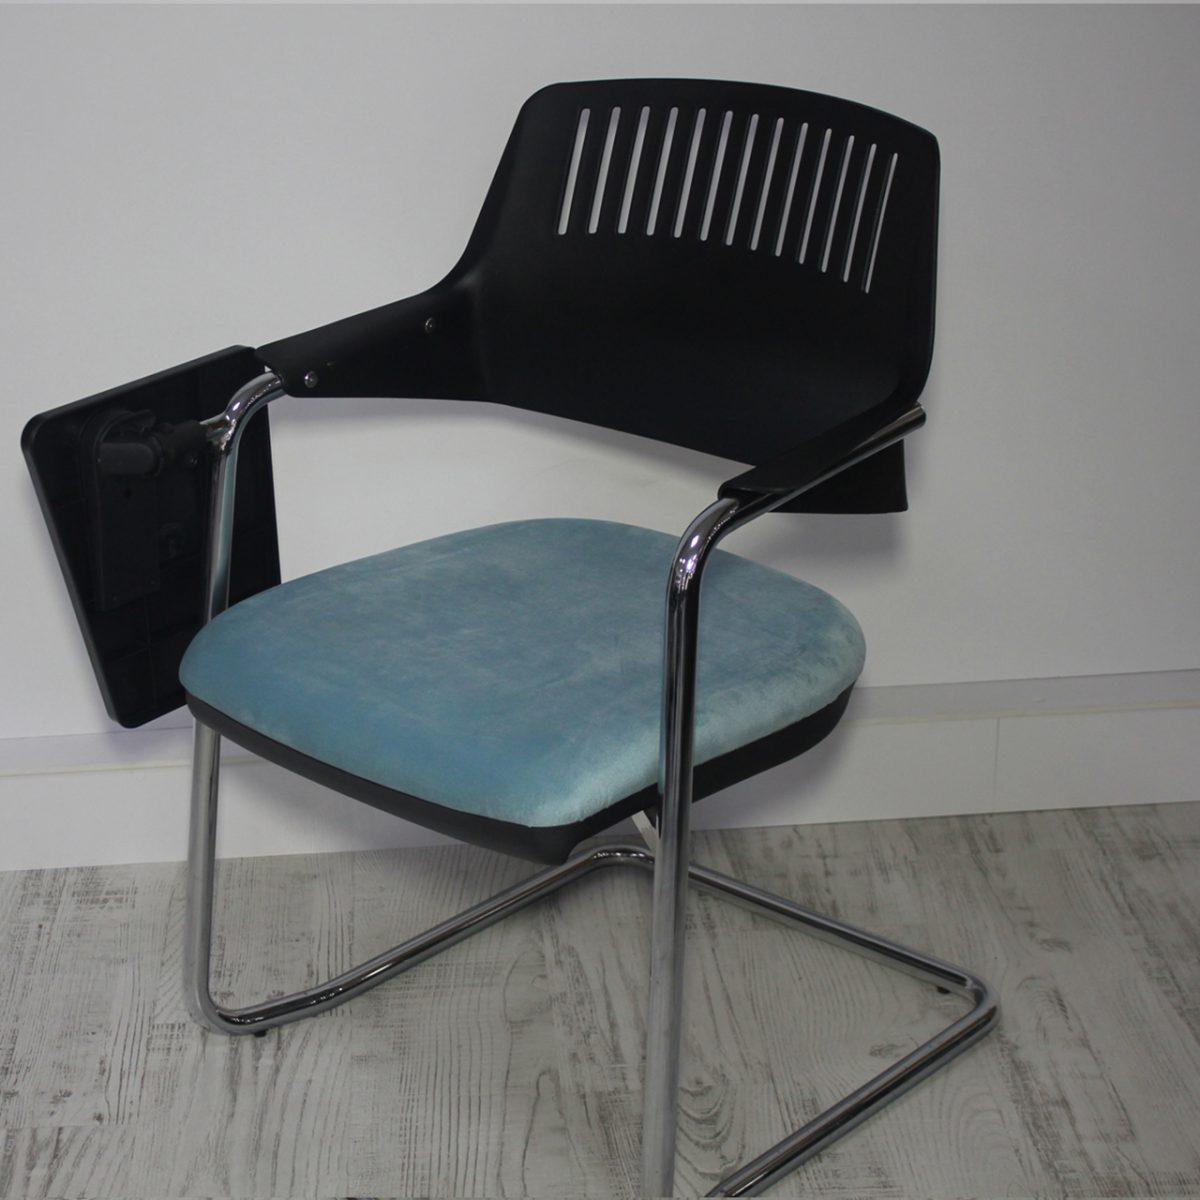 Paloma 5010 Konferans Sandalyesi Yazı Tablalı